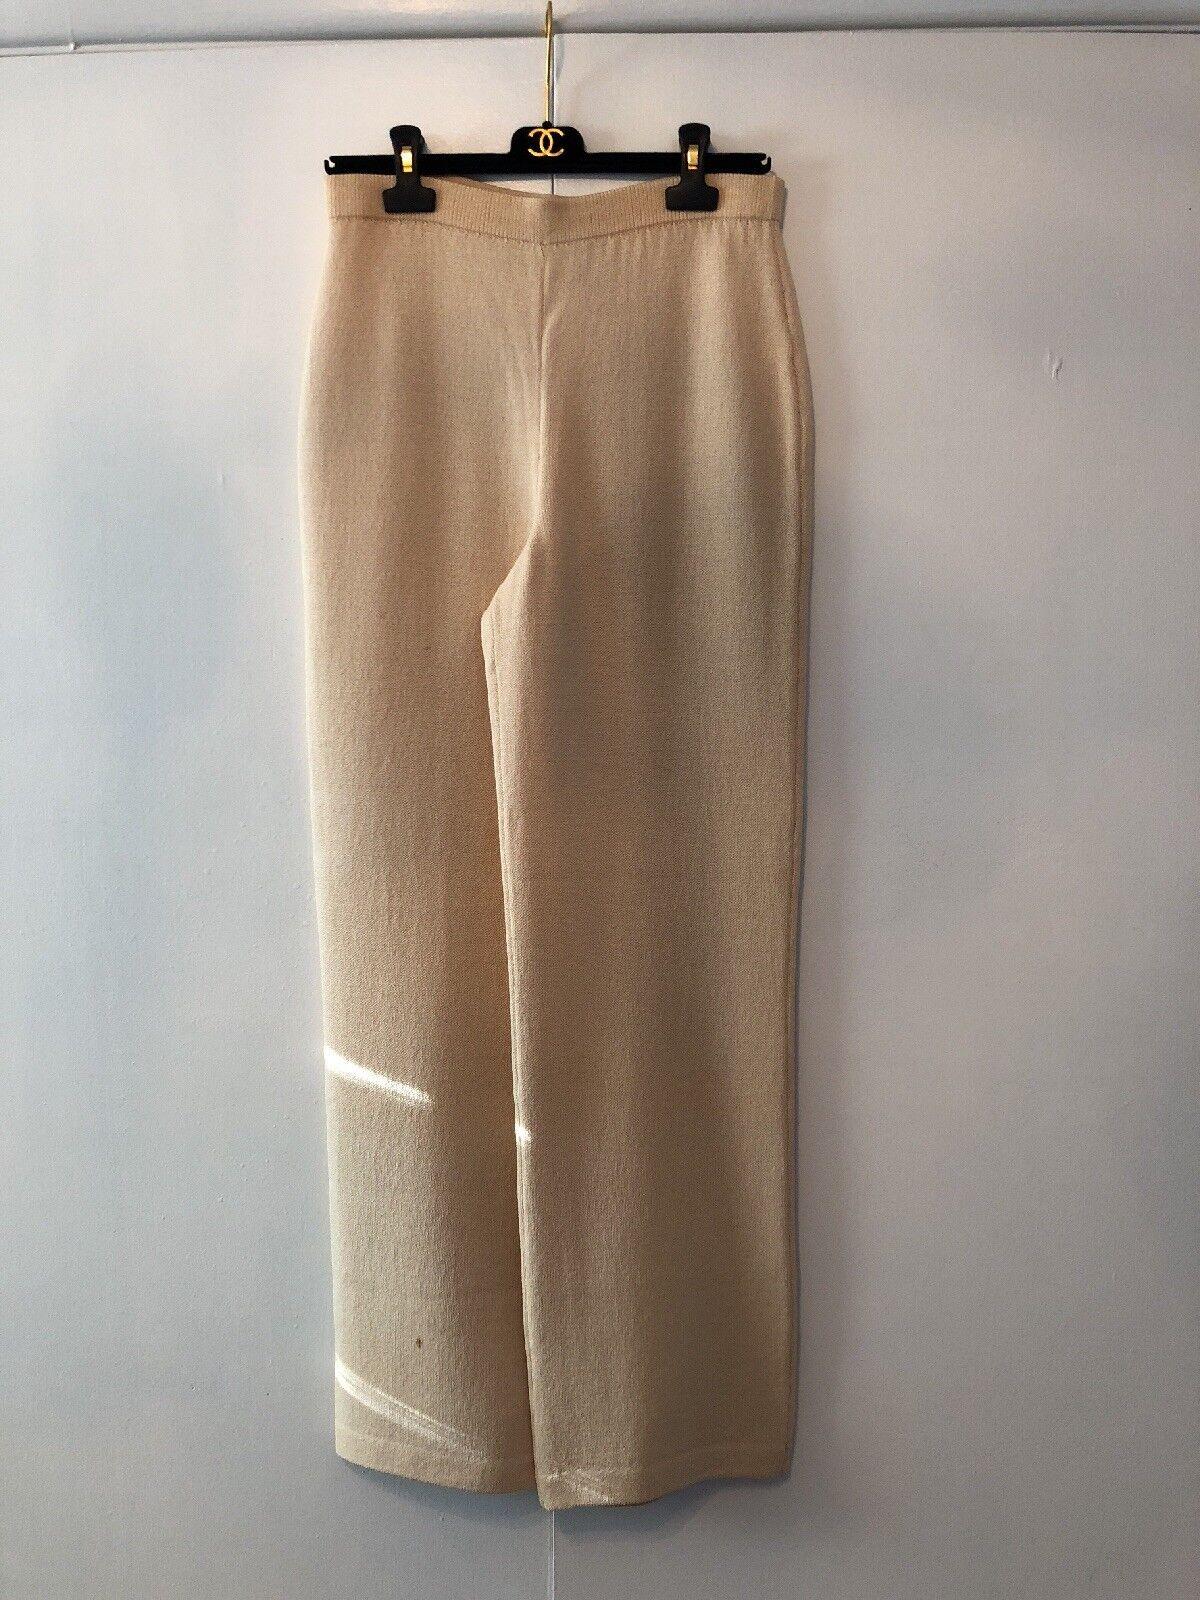 Uomini Lana Stand Collar Peacoat Singolo Petto lunga cappotto Trench Peacoat Collar cappotto HOT TAGLIA 680f91